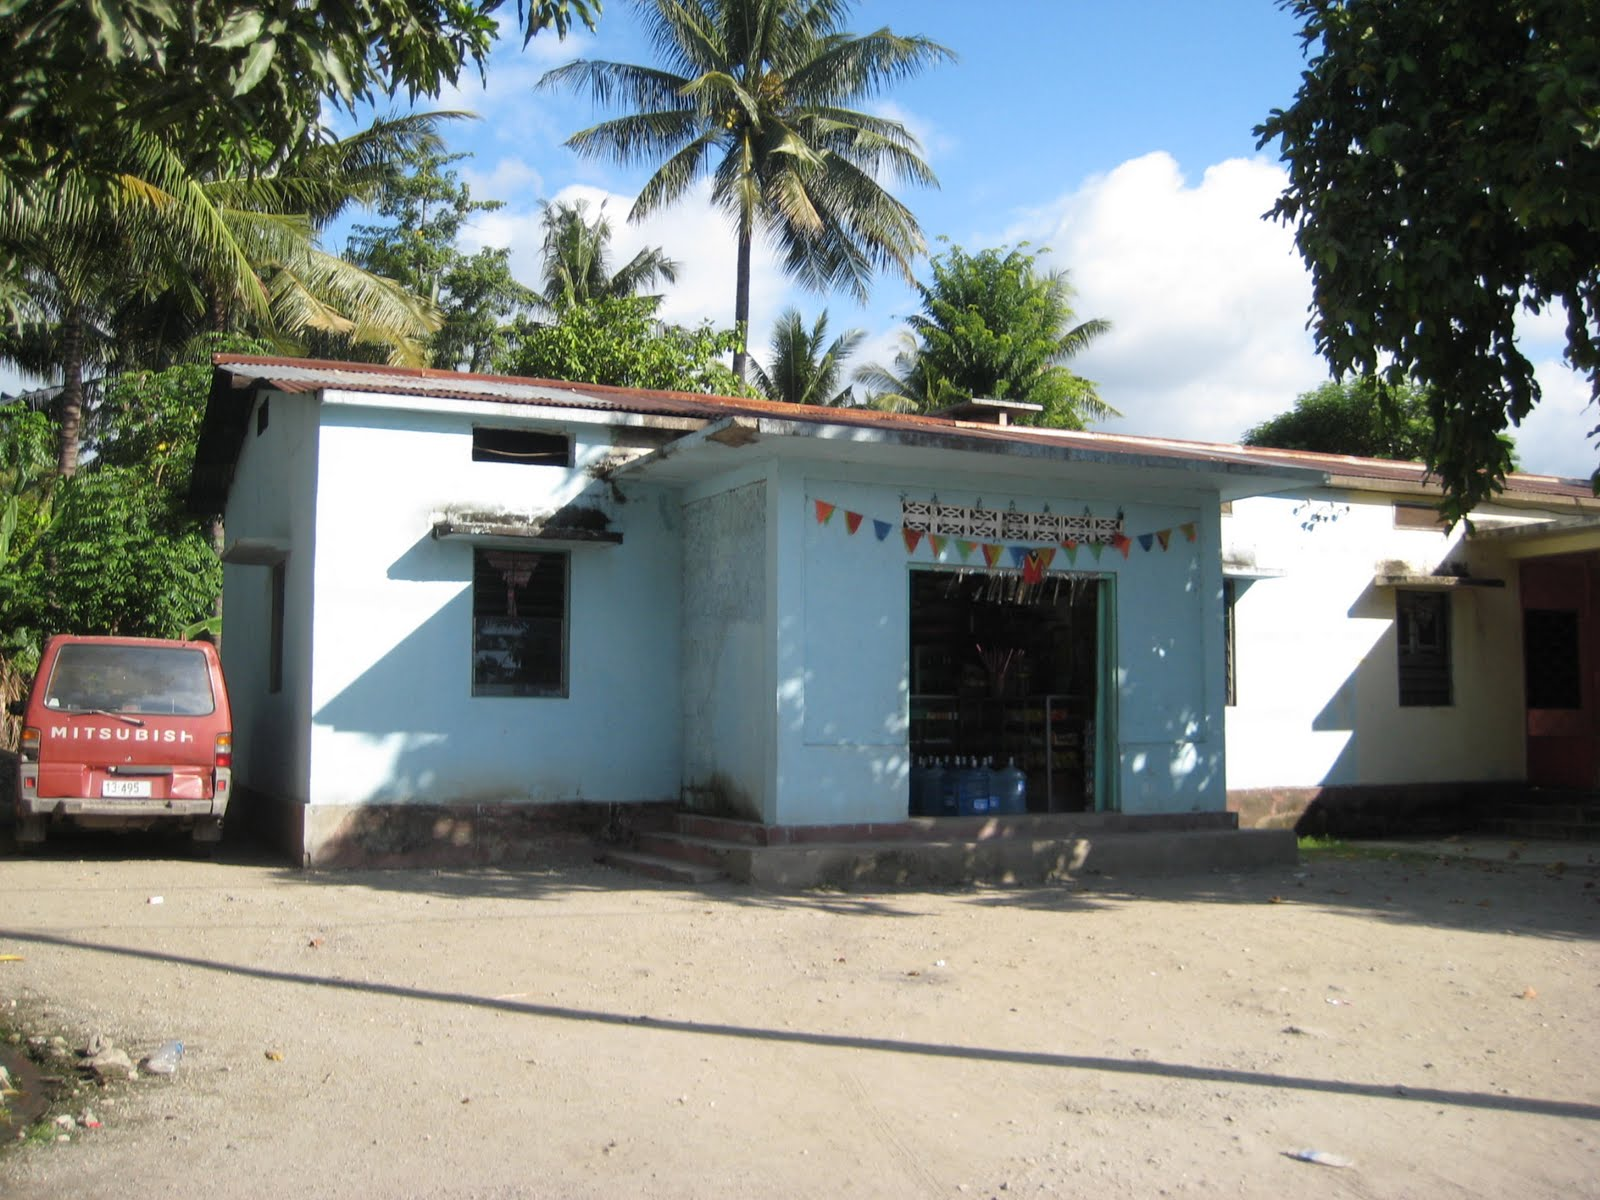 Aeroporto Comoro : Um ano em dili distrito chamado